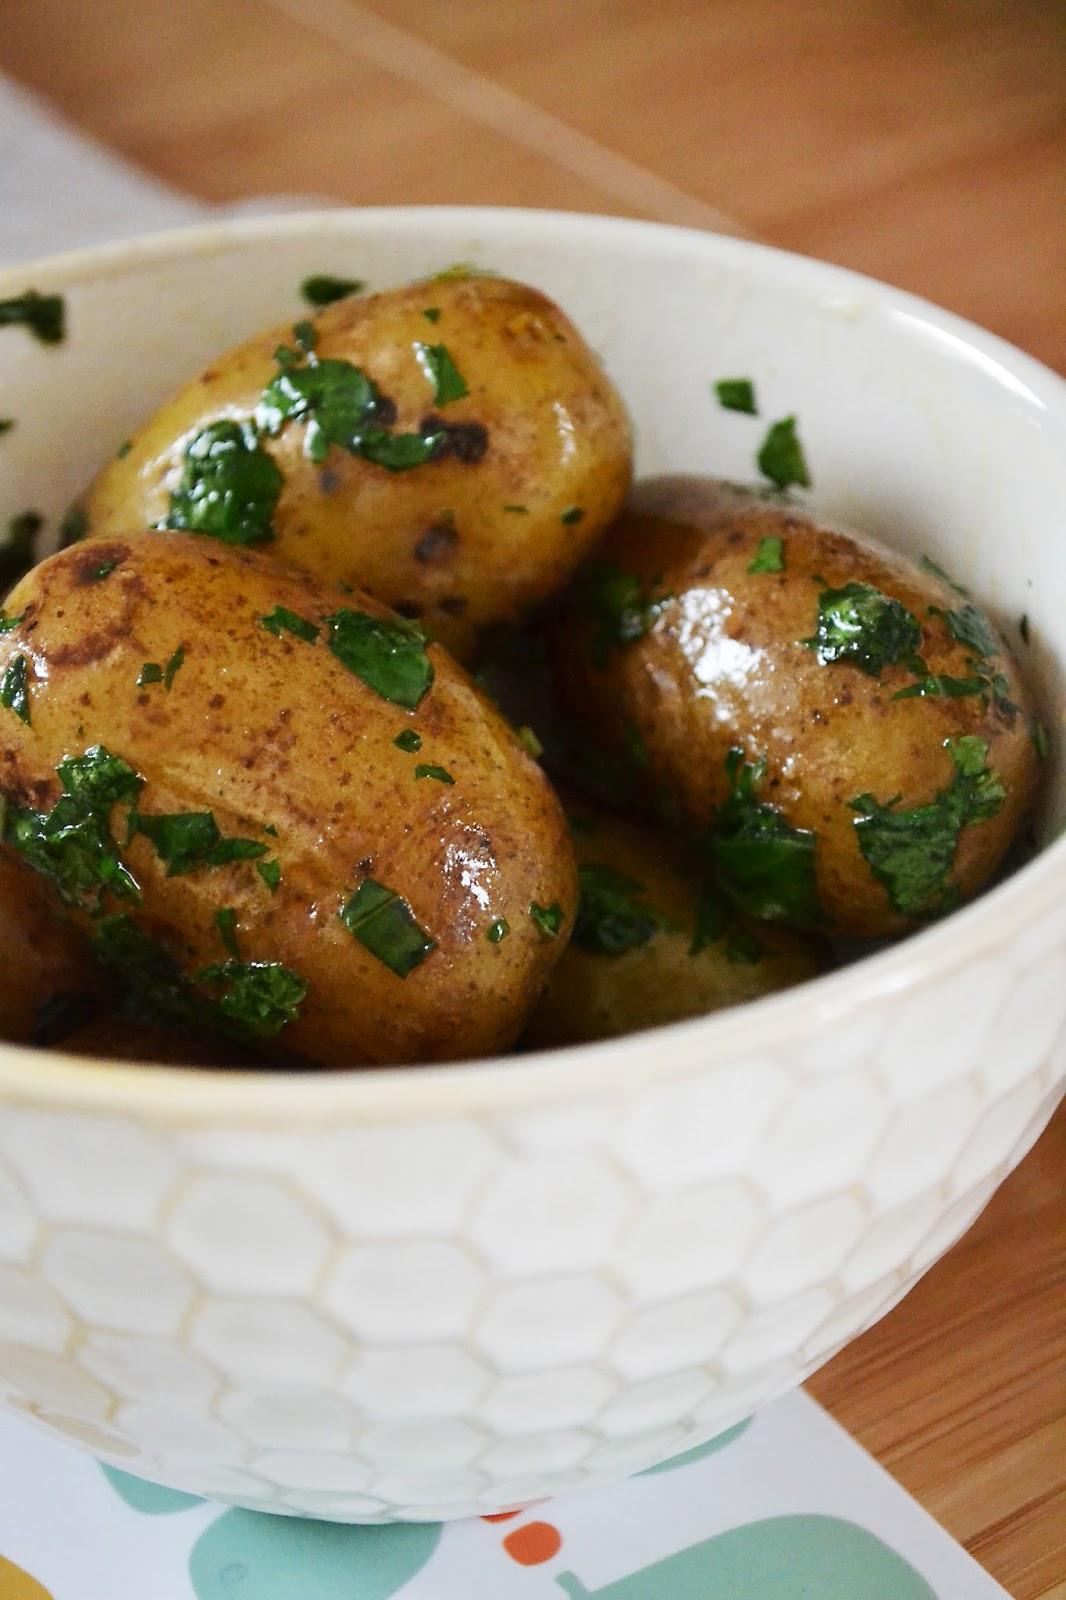 J 39 ai toujours aim le jaune moutarde pommes de terre au beurre et la menthe - Pomme de terre germee comestible ...